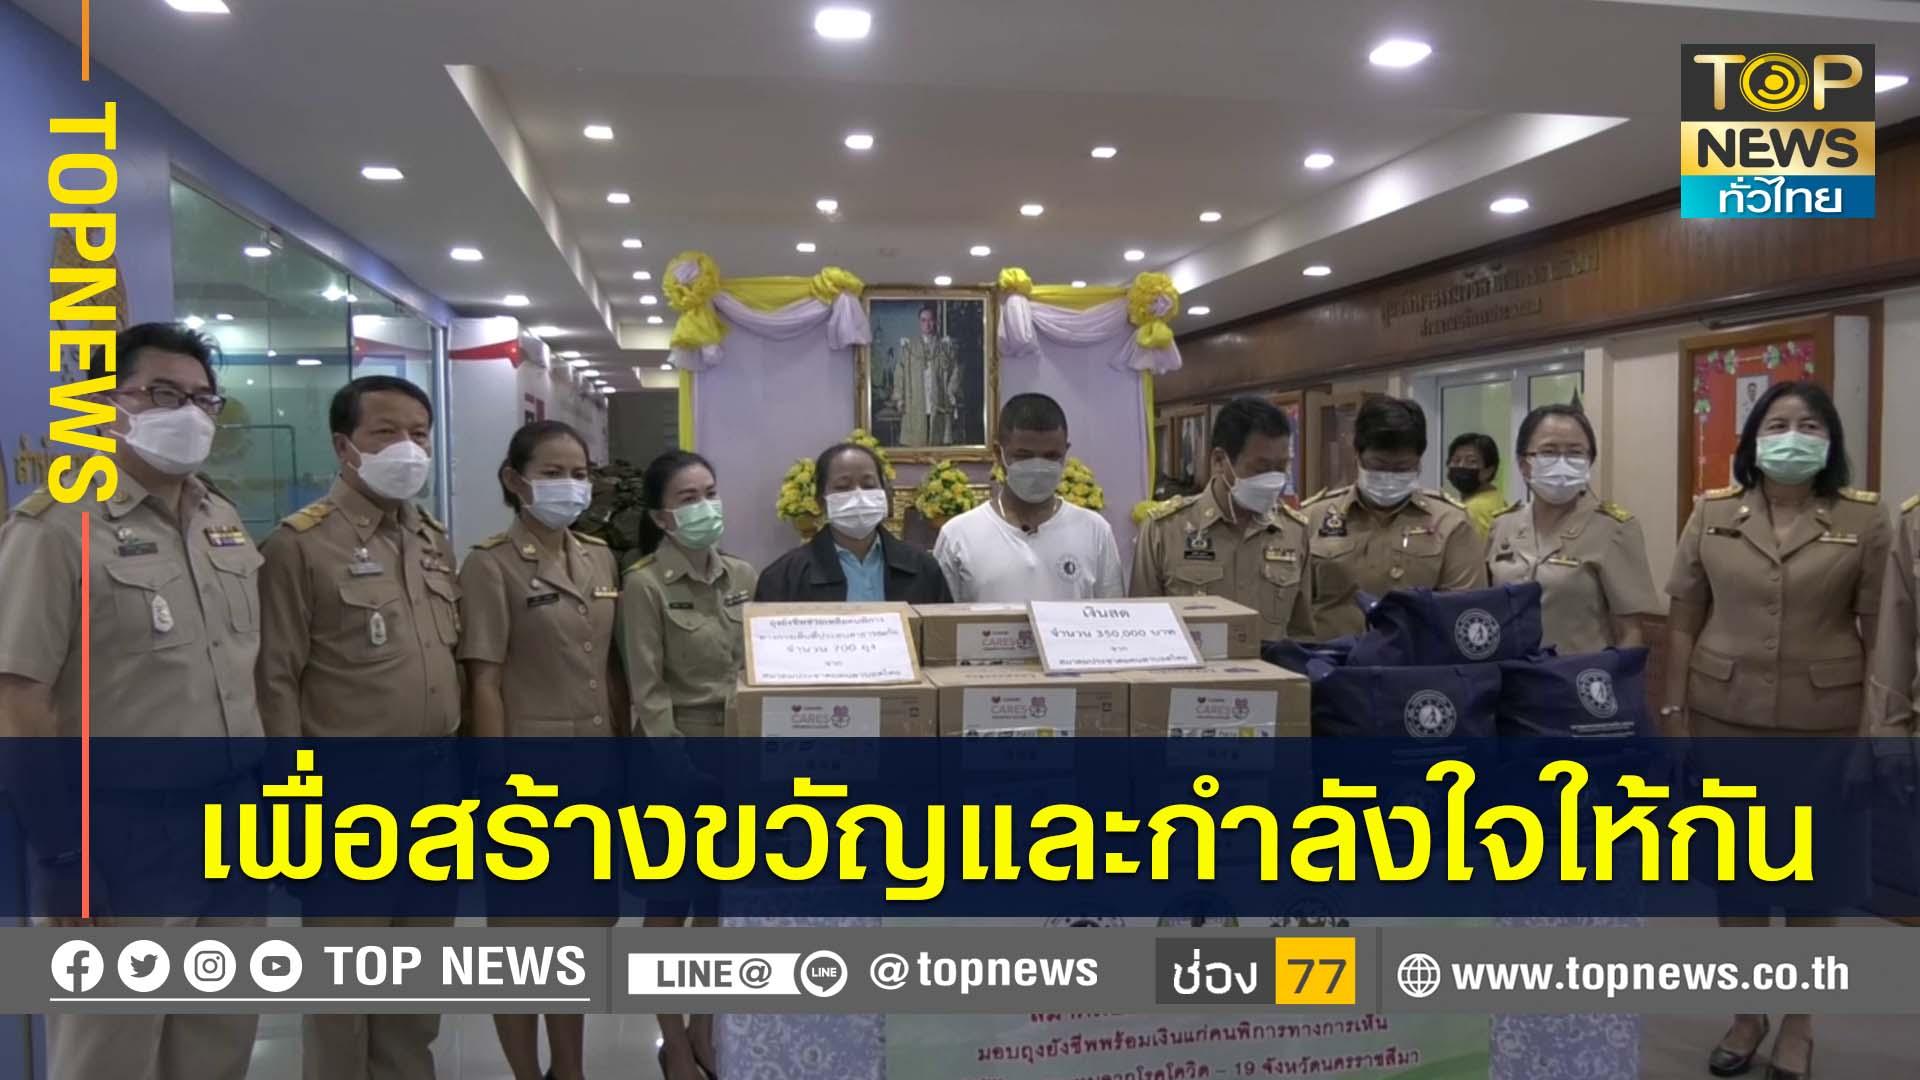 สมาคมประชาคมคนตาบอดไทย มอบถุงยังชีพพร้อมเงิน ช่วยผู้ประสบภัยน้ำท่วมและโควิด